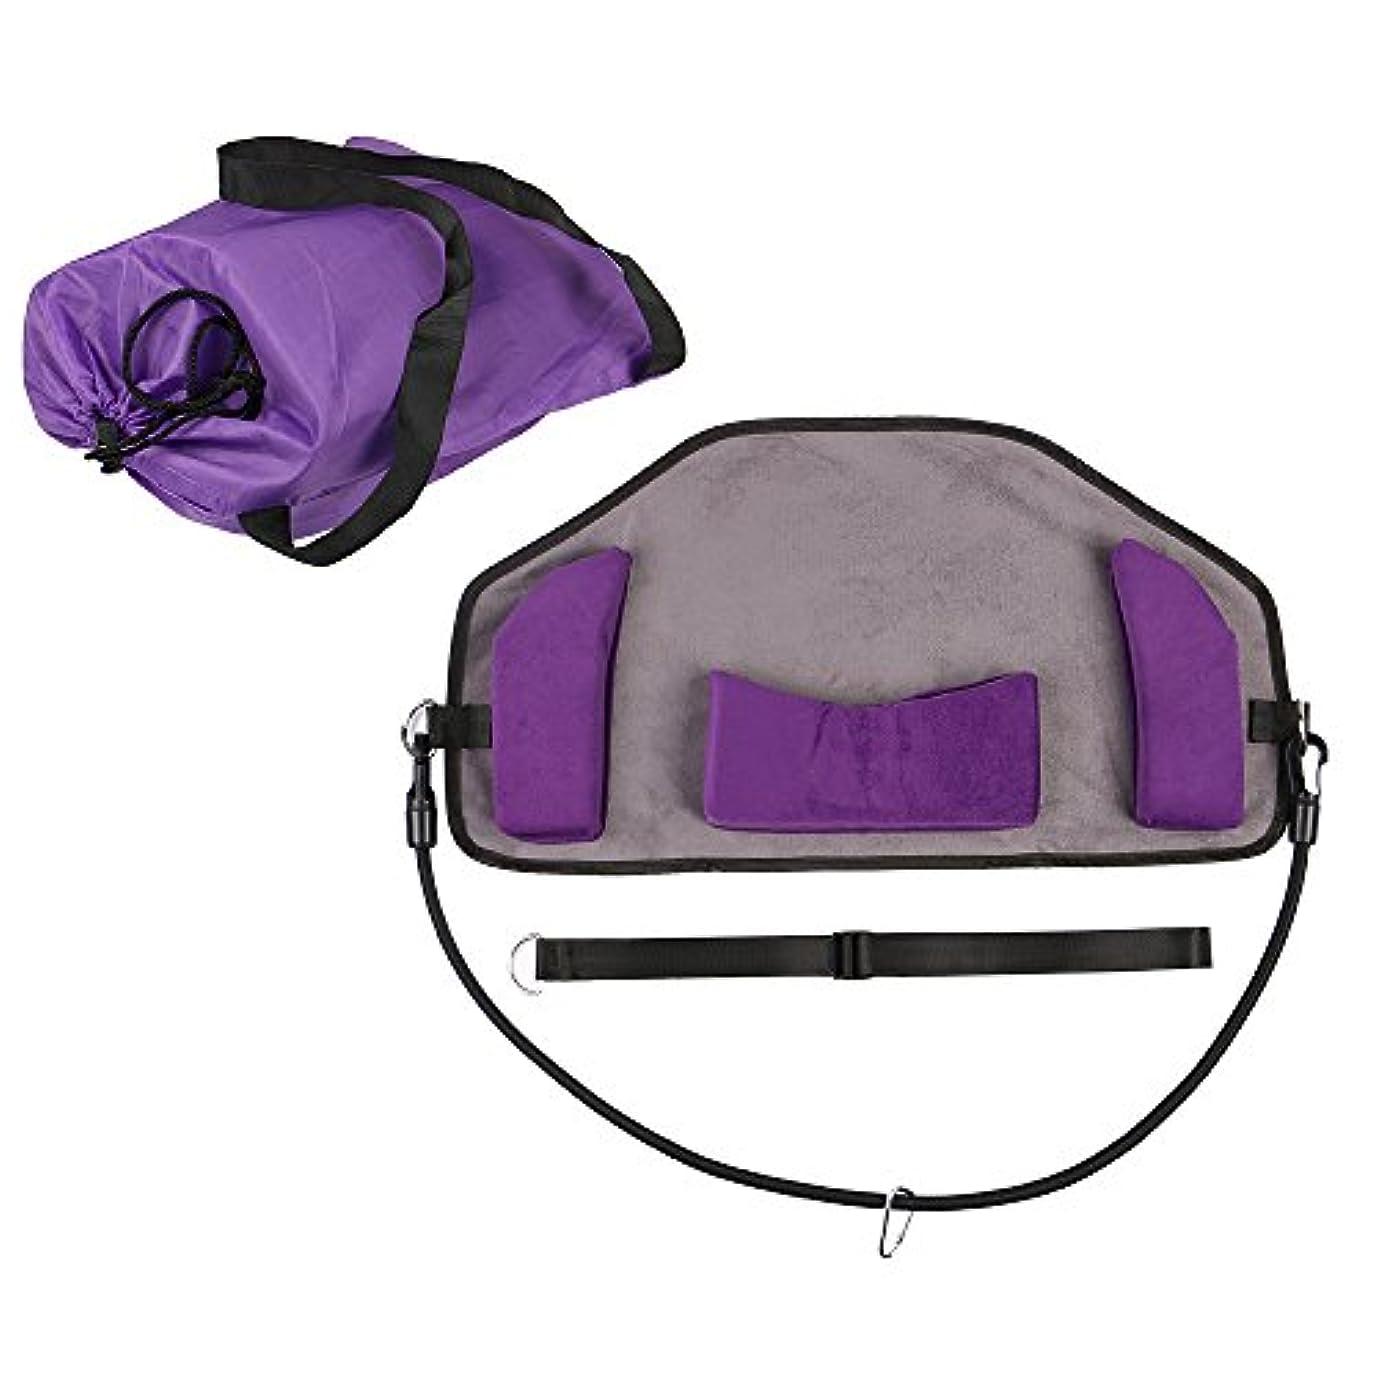 不信本物ジョグネックハンモックネックペイントリリーフのためのより良いハンモックポータブルと調節可能なネックストレッチャーあなたの疲れを速やかに解消 (紫の)